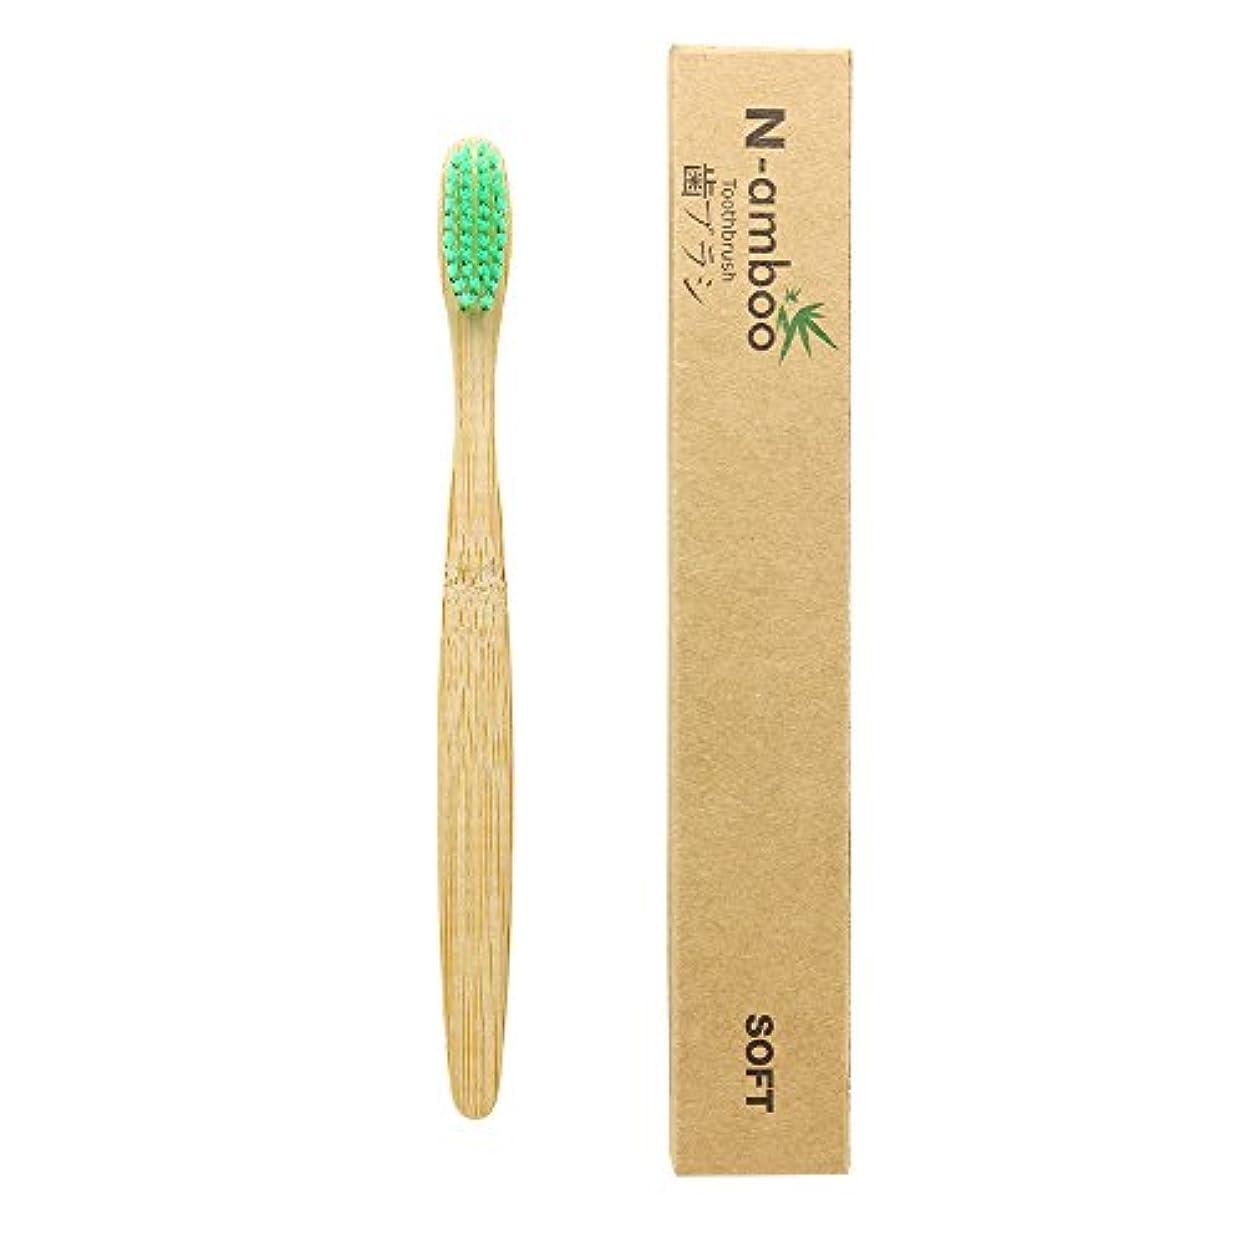 ブローホールグレー物理学者N-amboo 歯ブラシ 1本入り 竹製 高耐久性 緑 エコ